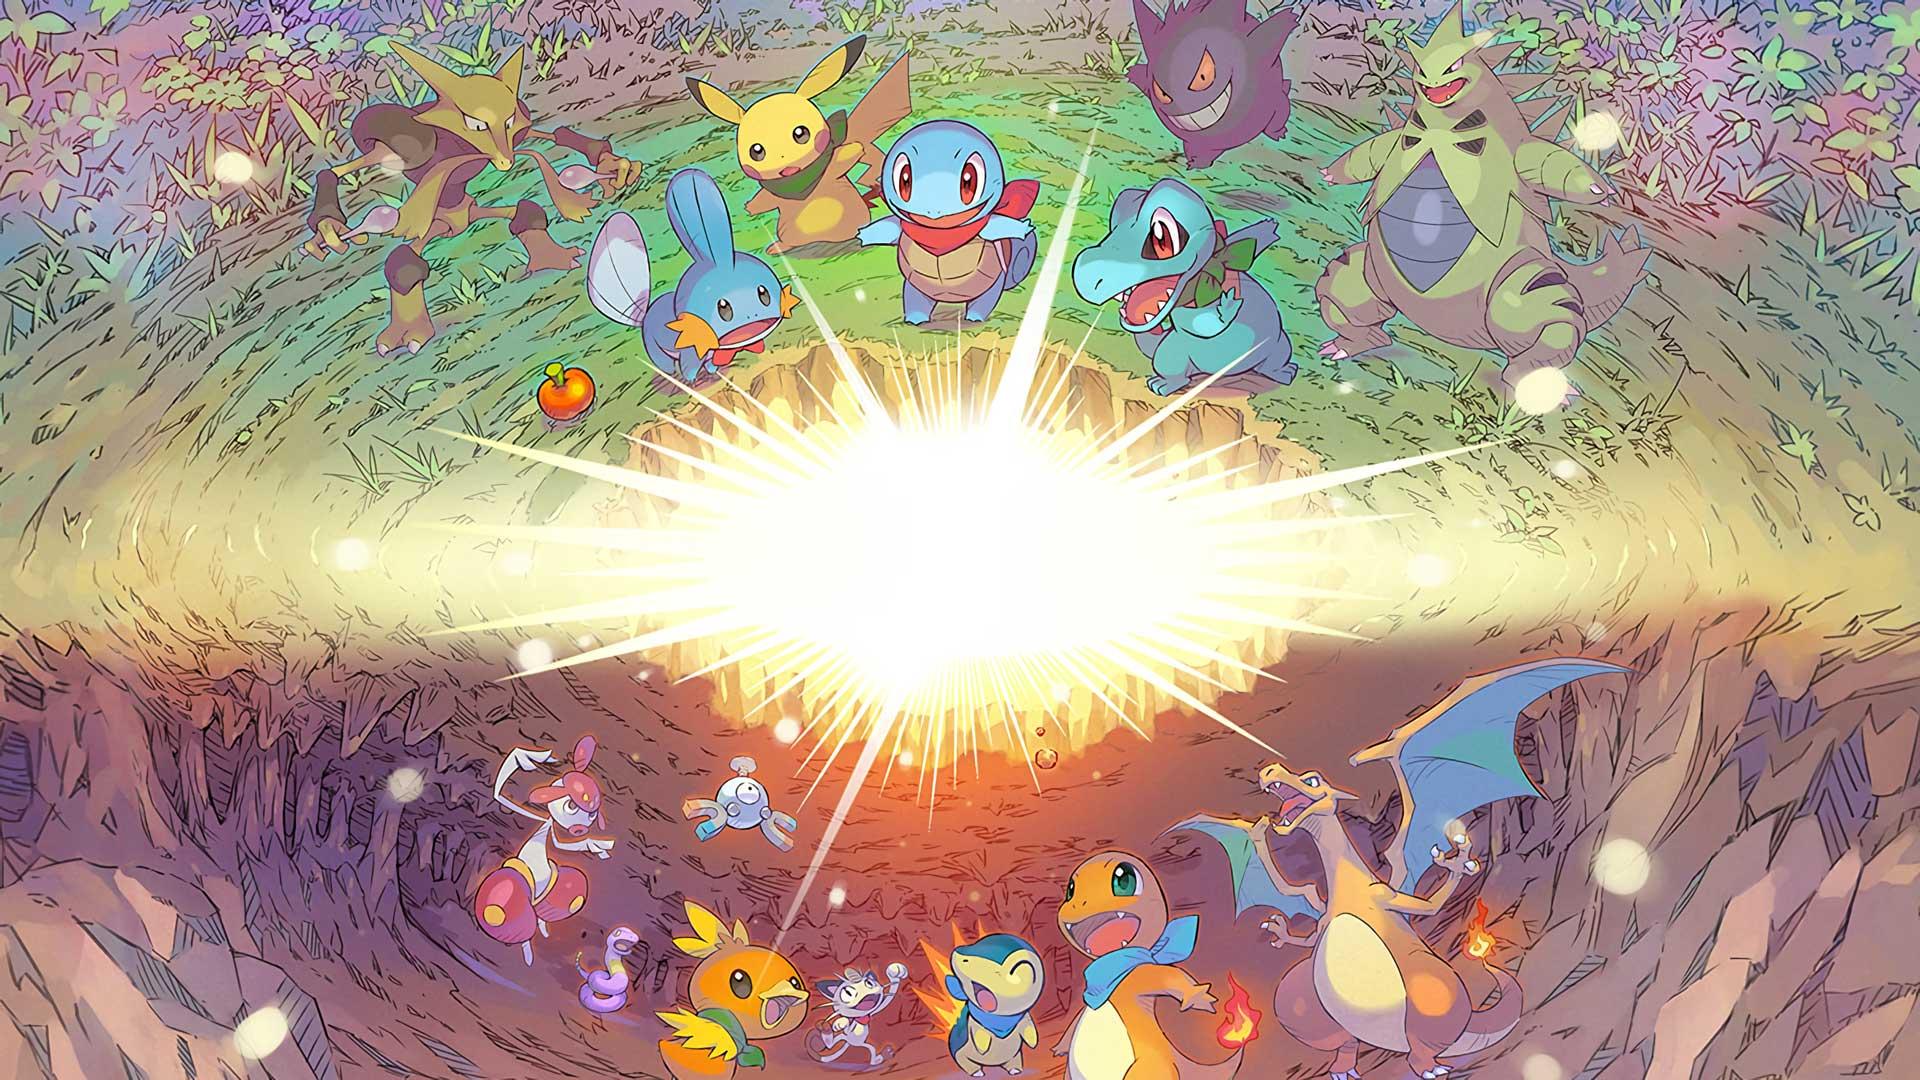 Pokémon Mystery Dungeon – Rescue Team DX